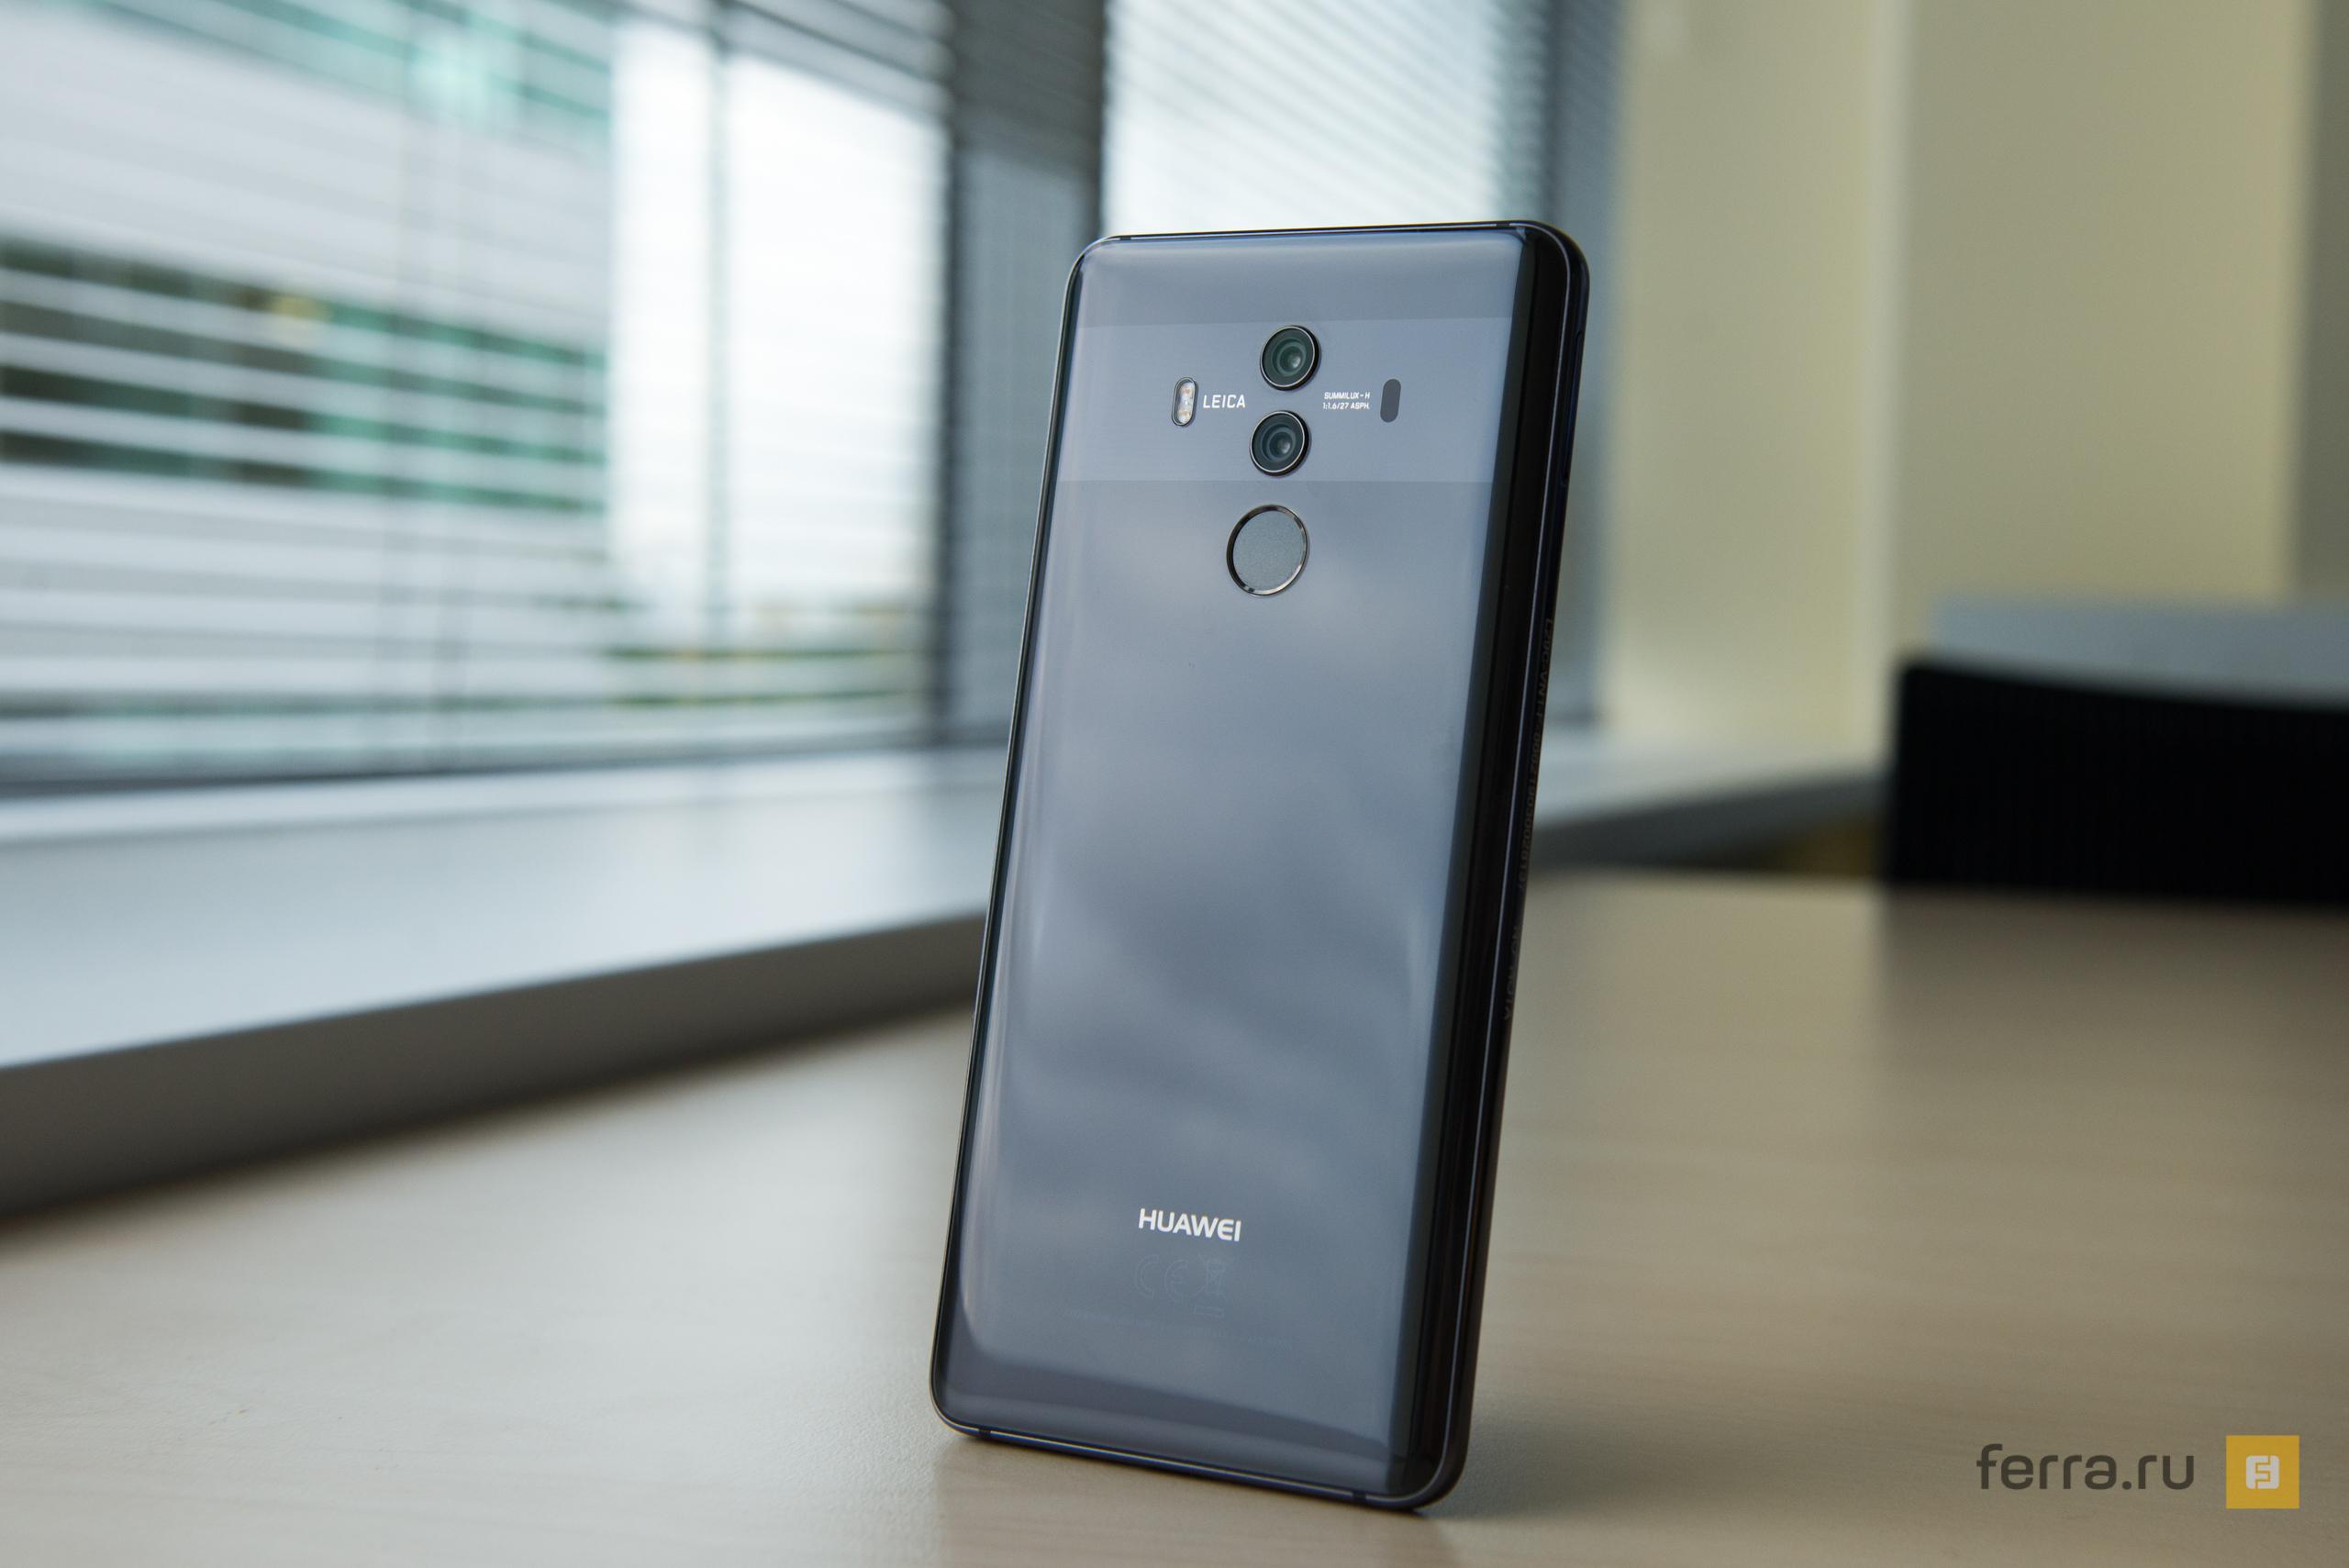 Смартфоны Huawei Mate 10 и Mate 10 Pro представлены официально